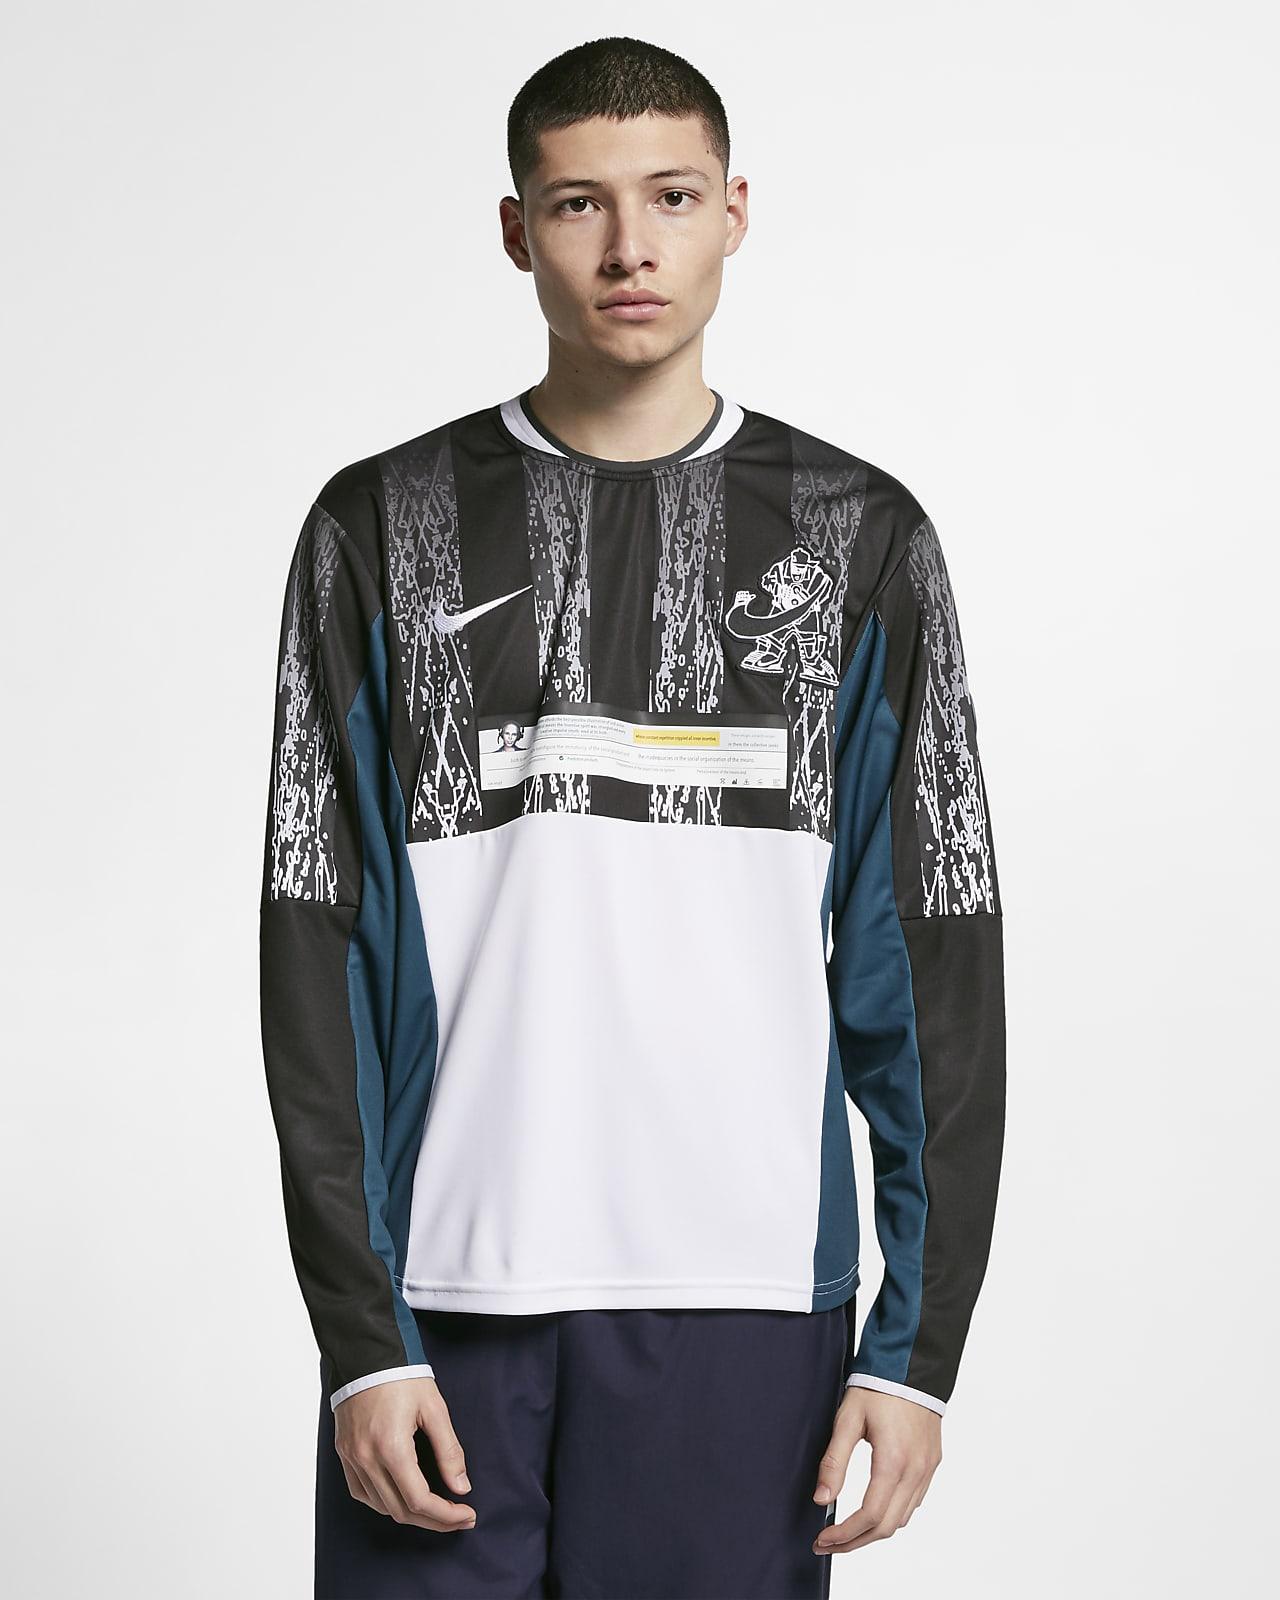 Nike x Cav Empt Men's Top. Nike JP